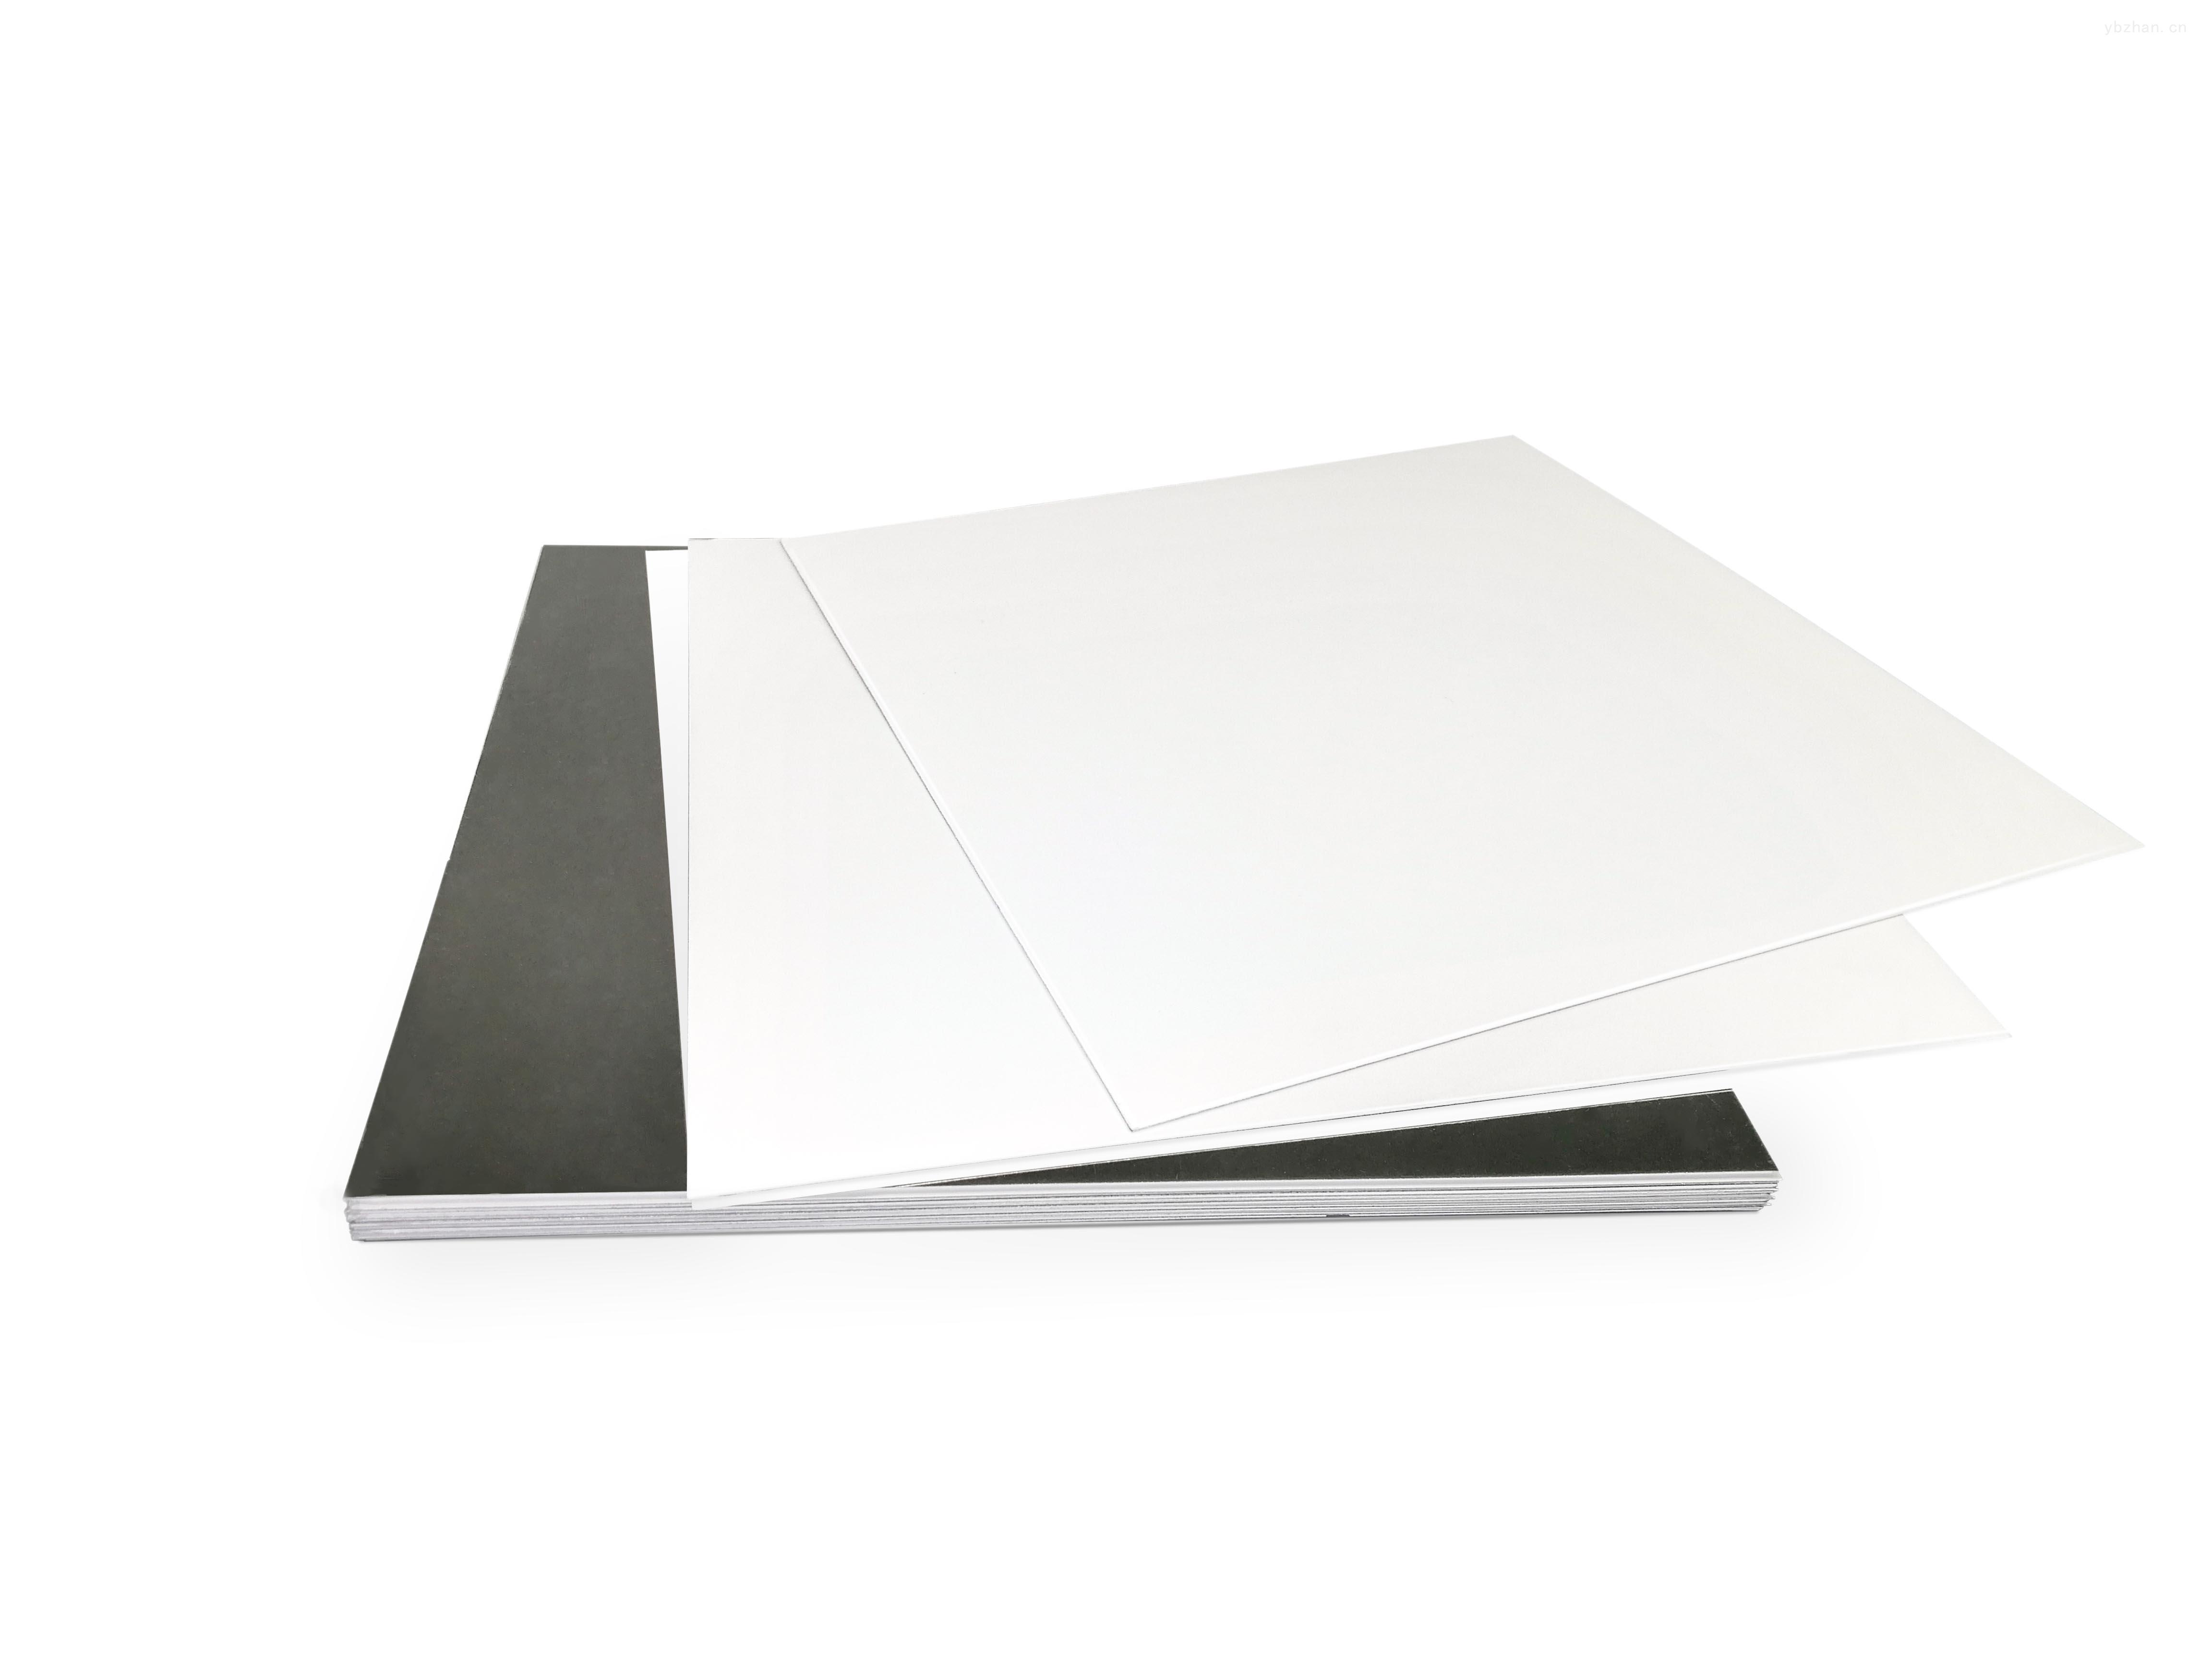 薄層層析鋁箔板